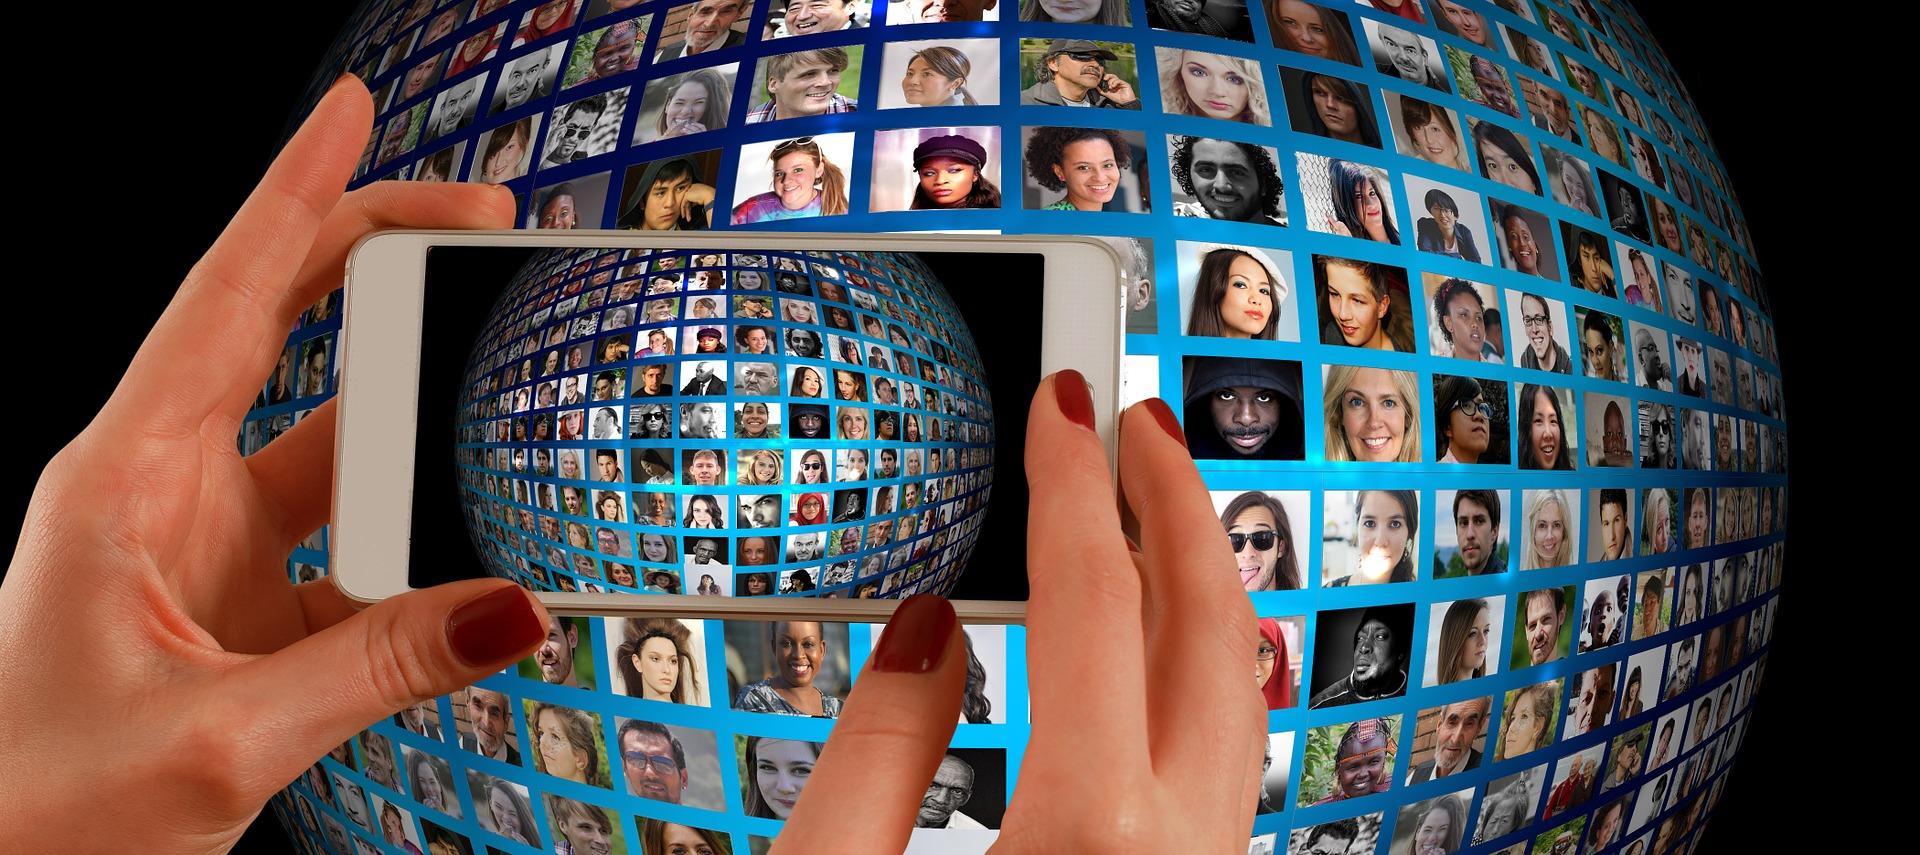 Massa bilder på ansikten på ett runt klot. Framför klotet håller någon upp en mobil och fotar bilderna.